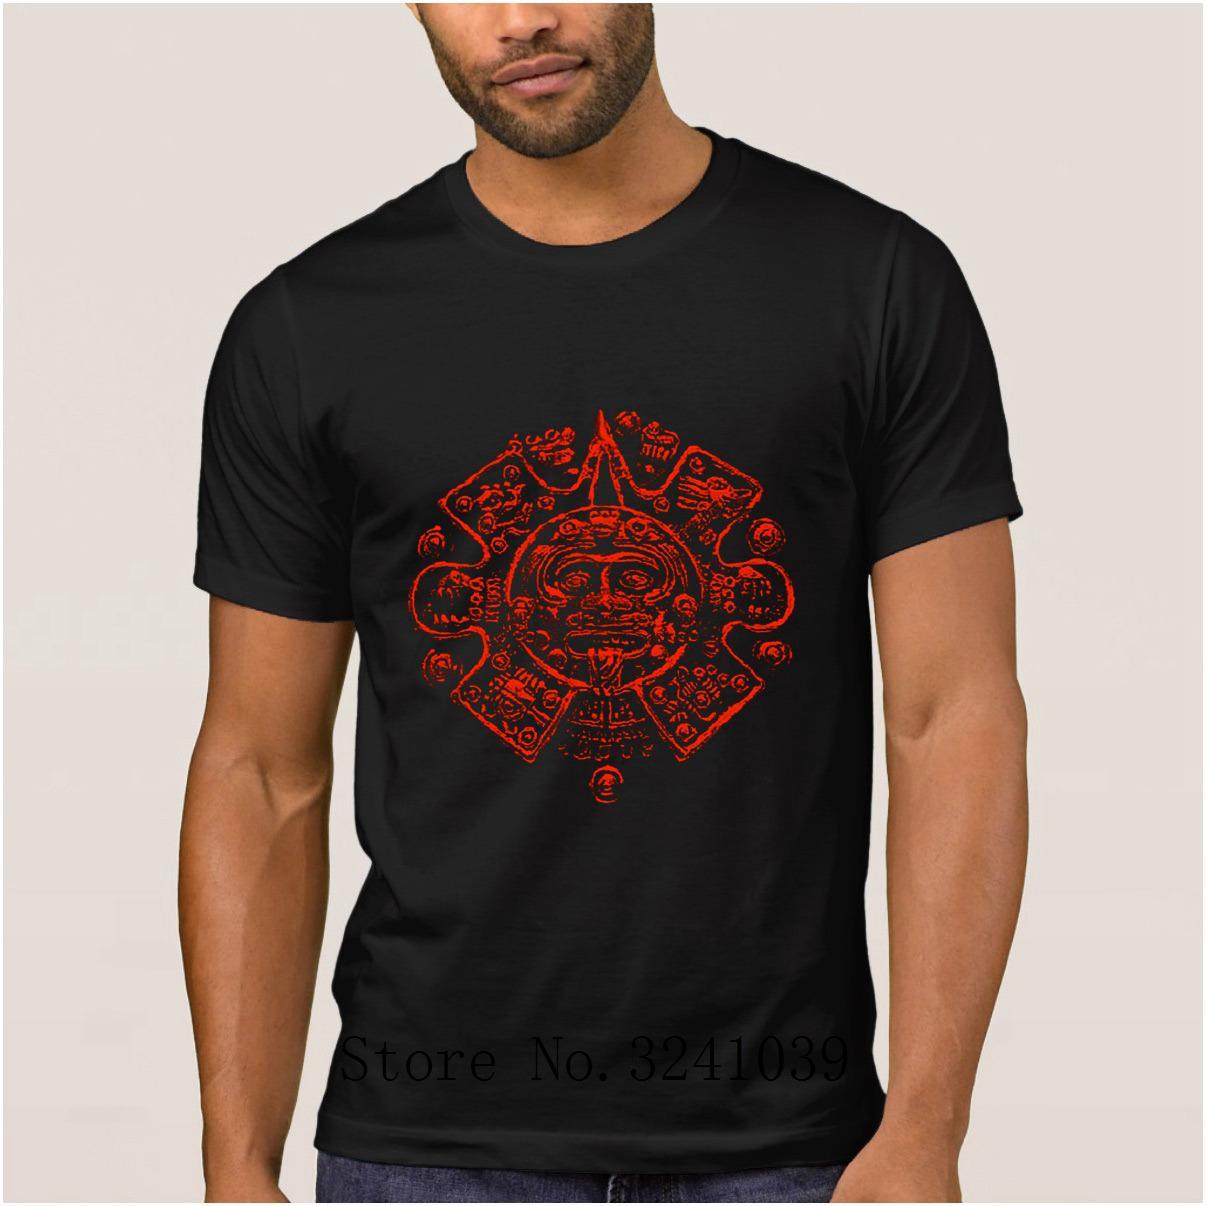 Anlarach impresión azteca auténtica facepng maya camiseta luz del sol barato regular de la camiseta de la letra camiseta hombre grande el tamaño de calidad superior